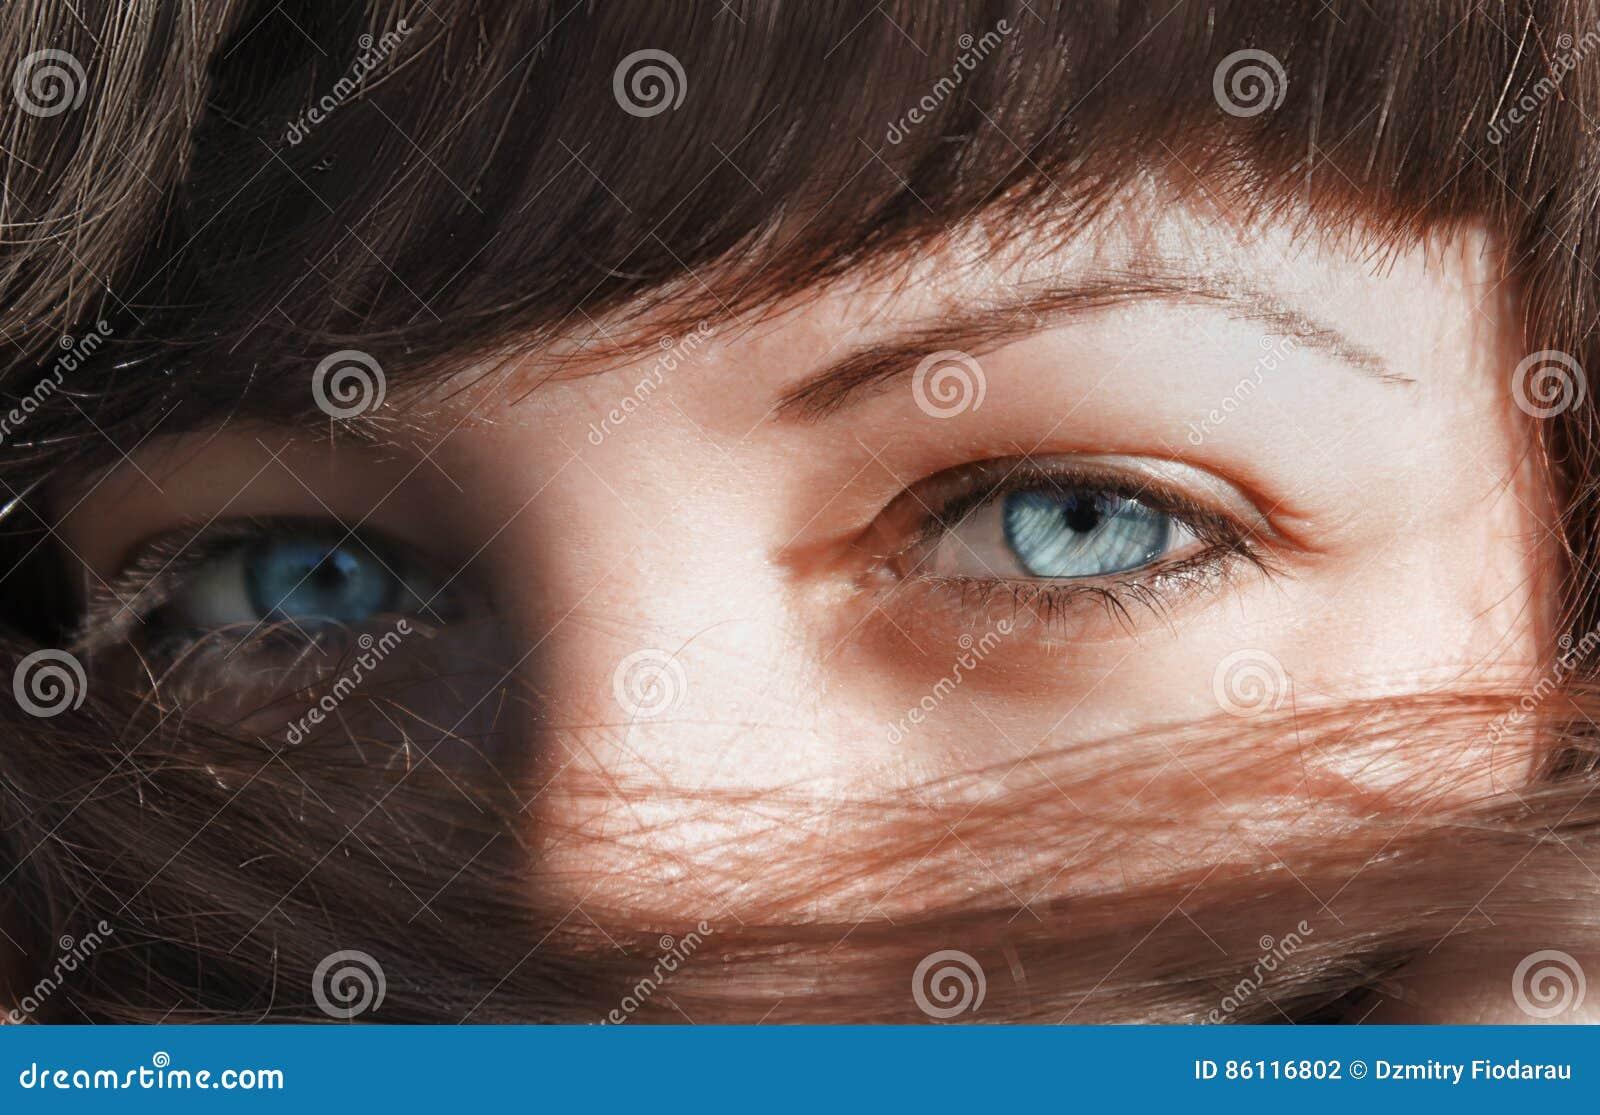 Μπλε μάτια που κοιτάζουν μέσω της τρίχας